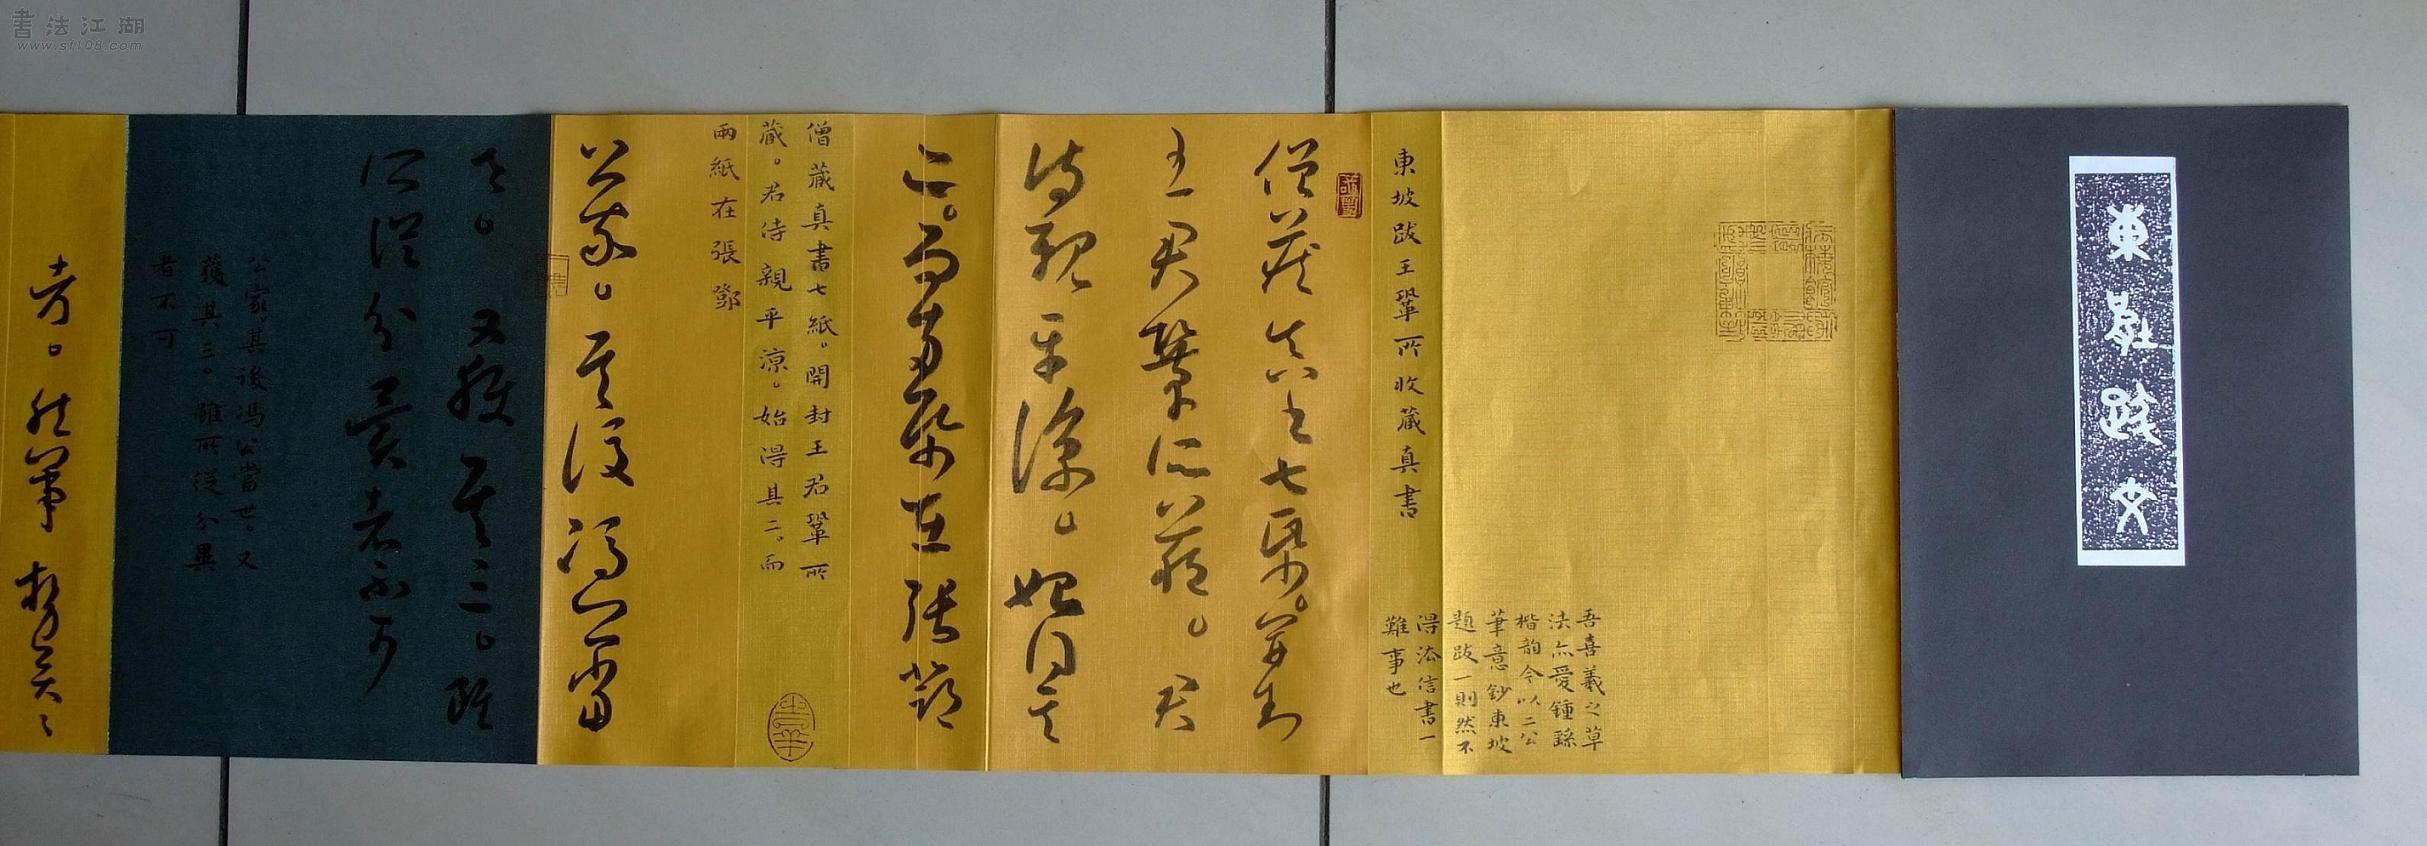 叶小勇书东坡跋文0910-02.jpg